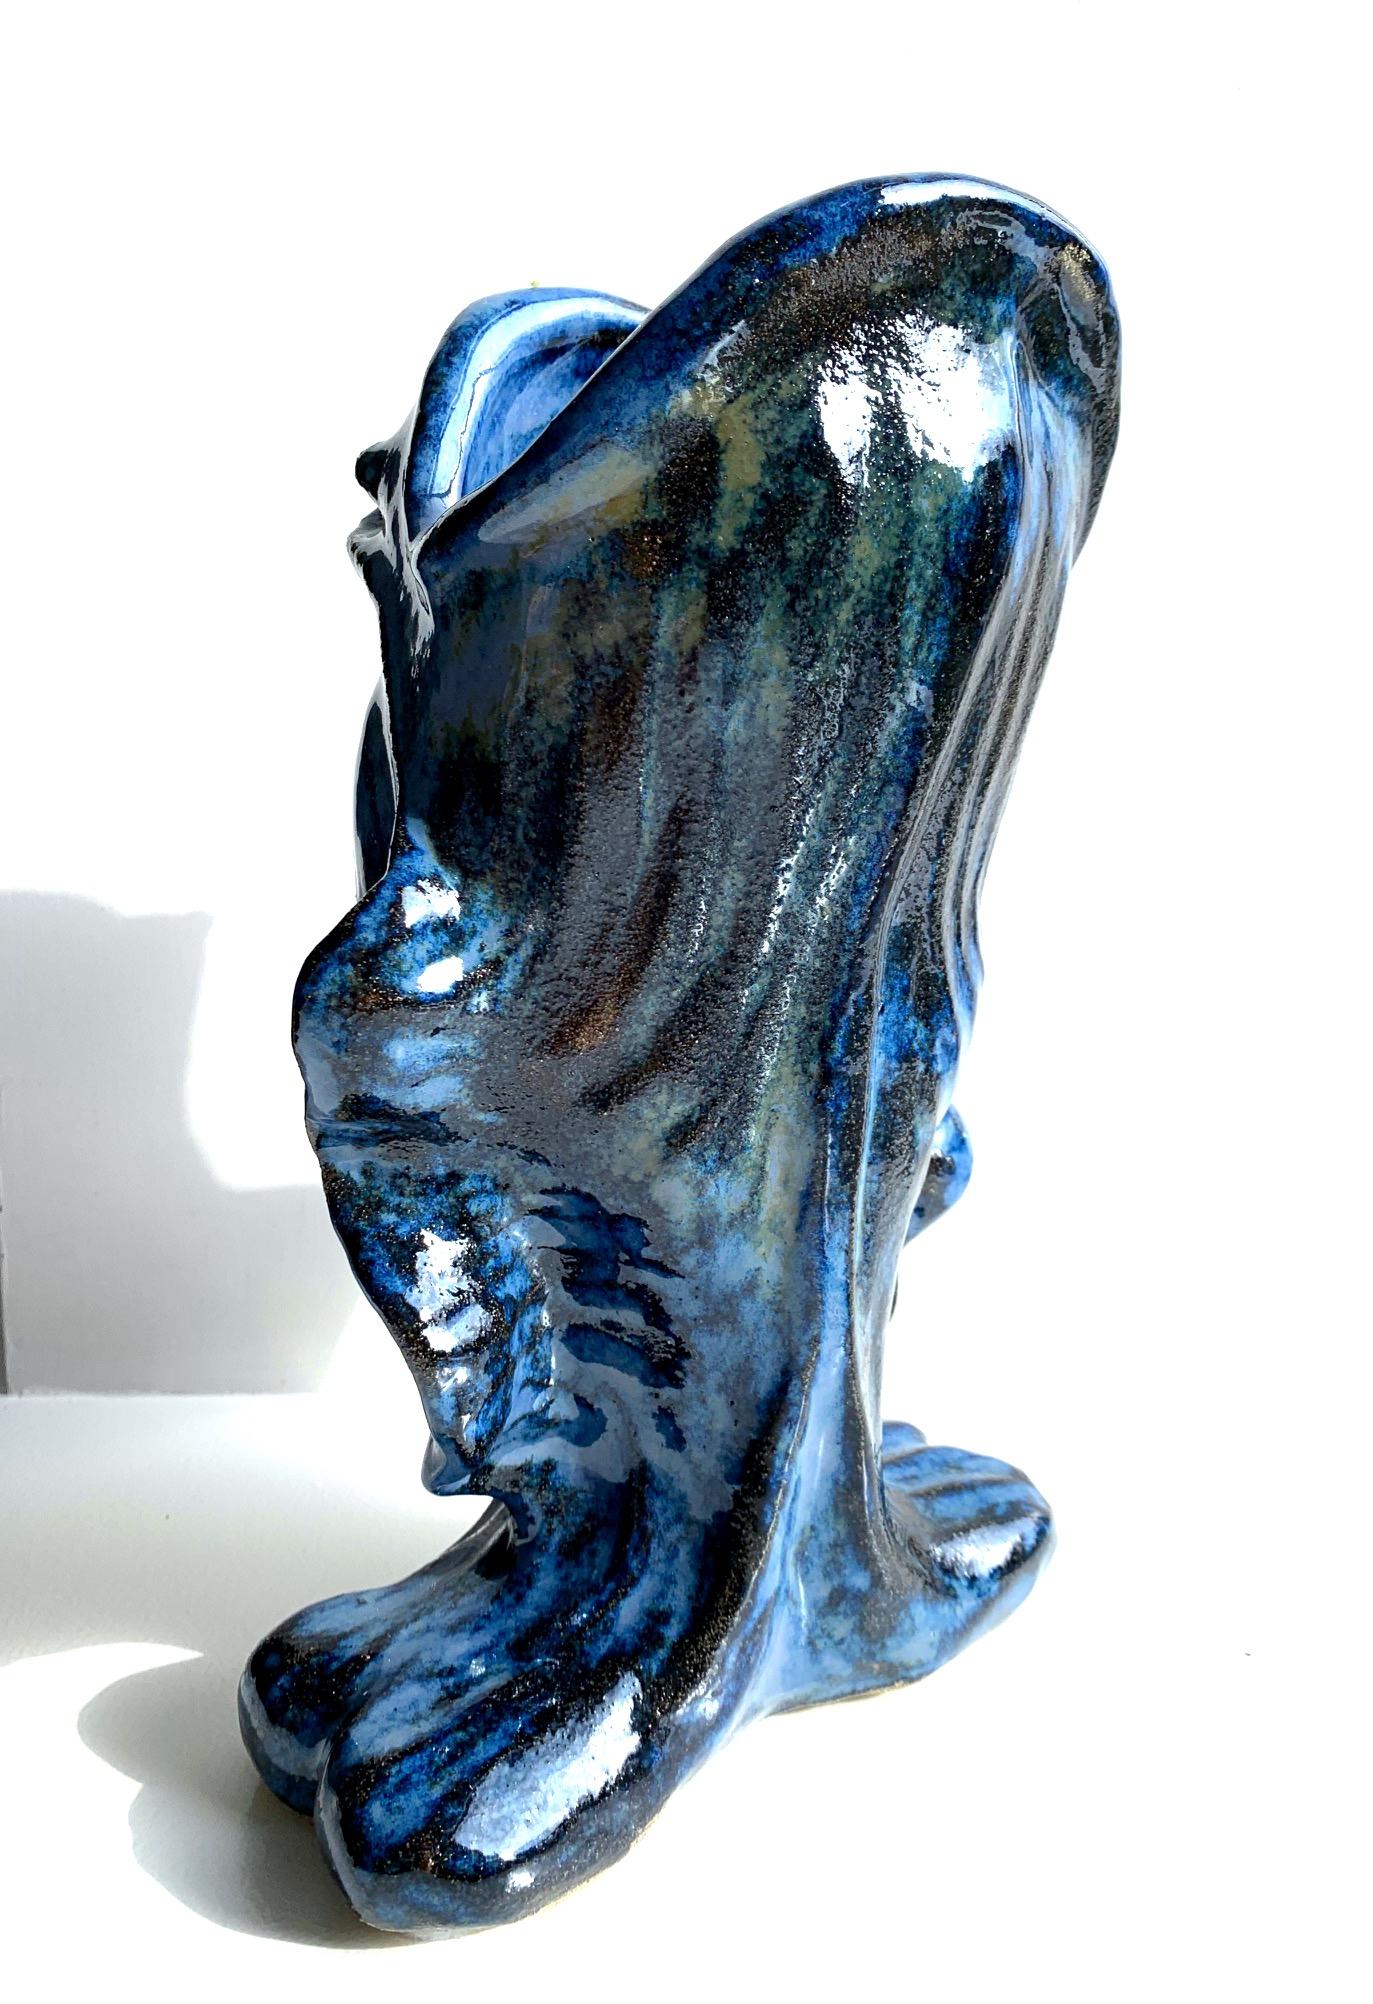 Big blue fish vase - SOLD